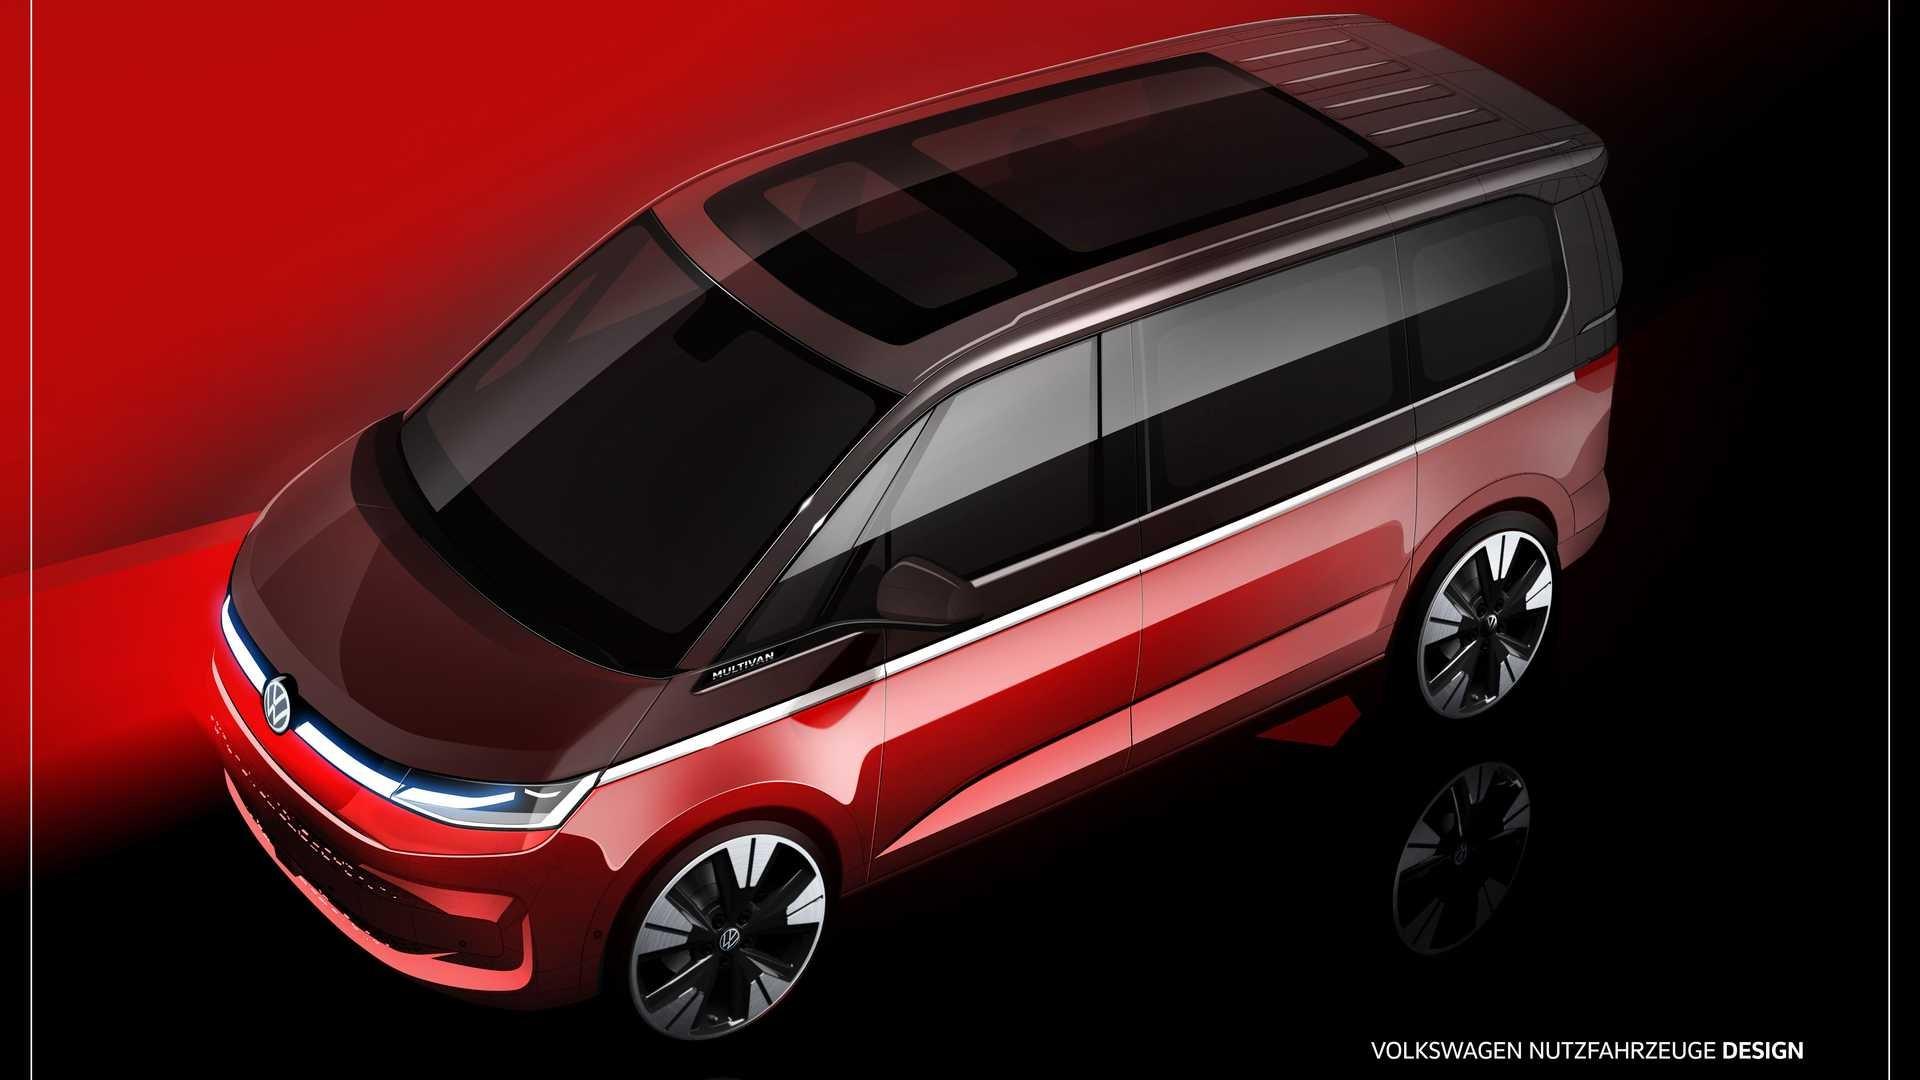 经典车型的再次进化 大众T7即将发布